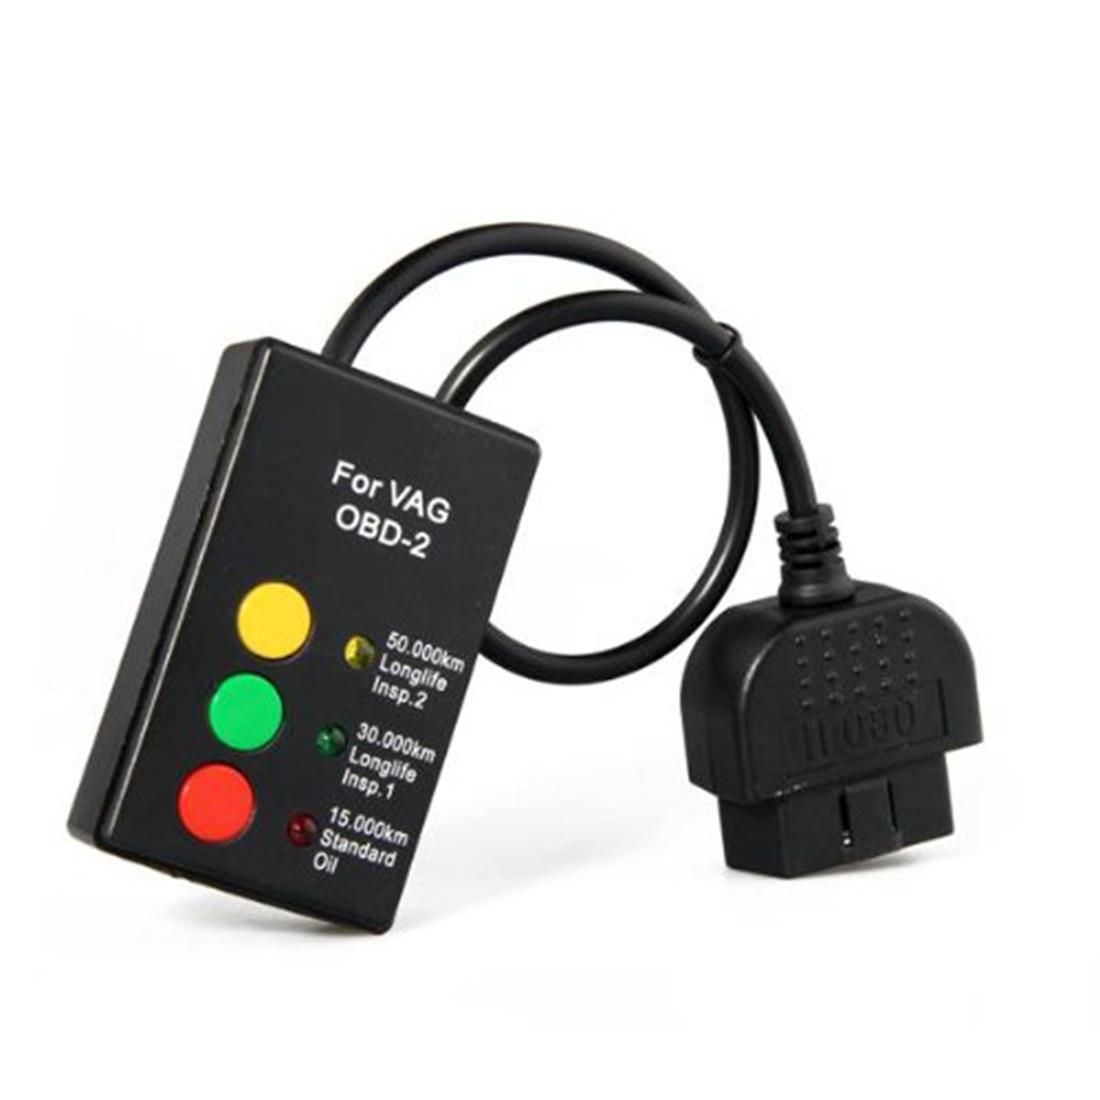 Prix pour Vente nouvelle VENTE chaude OBD II 2 Voiture Auto Oil Service Enlever Diagnostic Scanner Outil Pour VW Volkswagen Haute Qualité